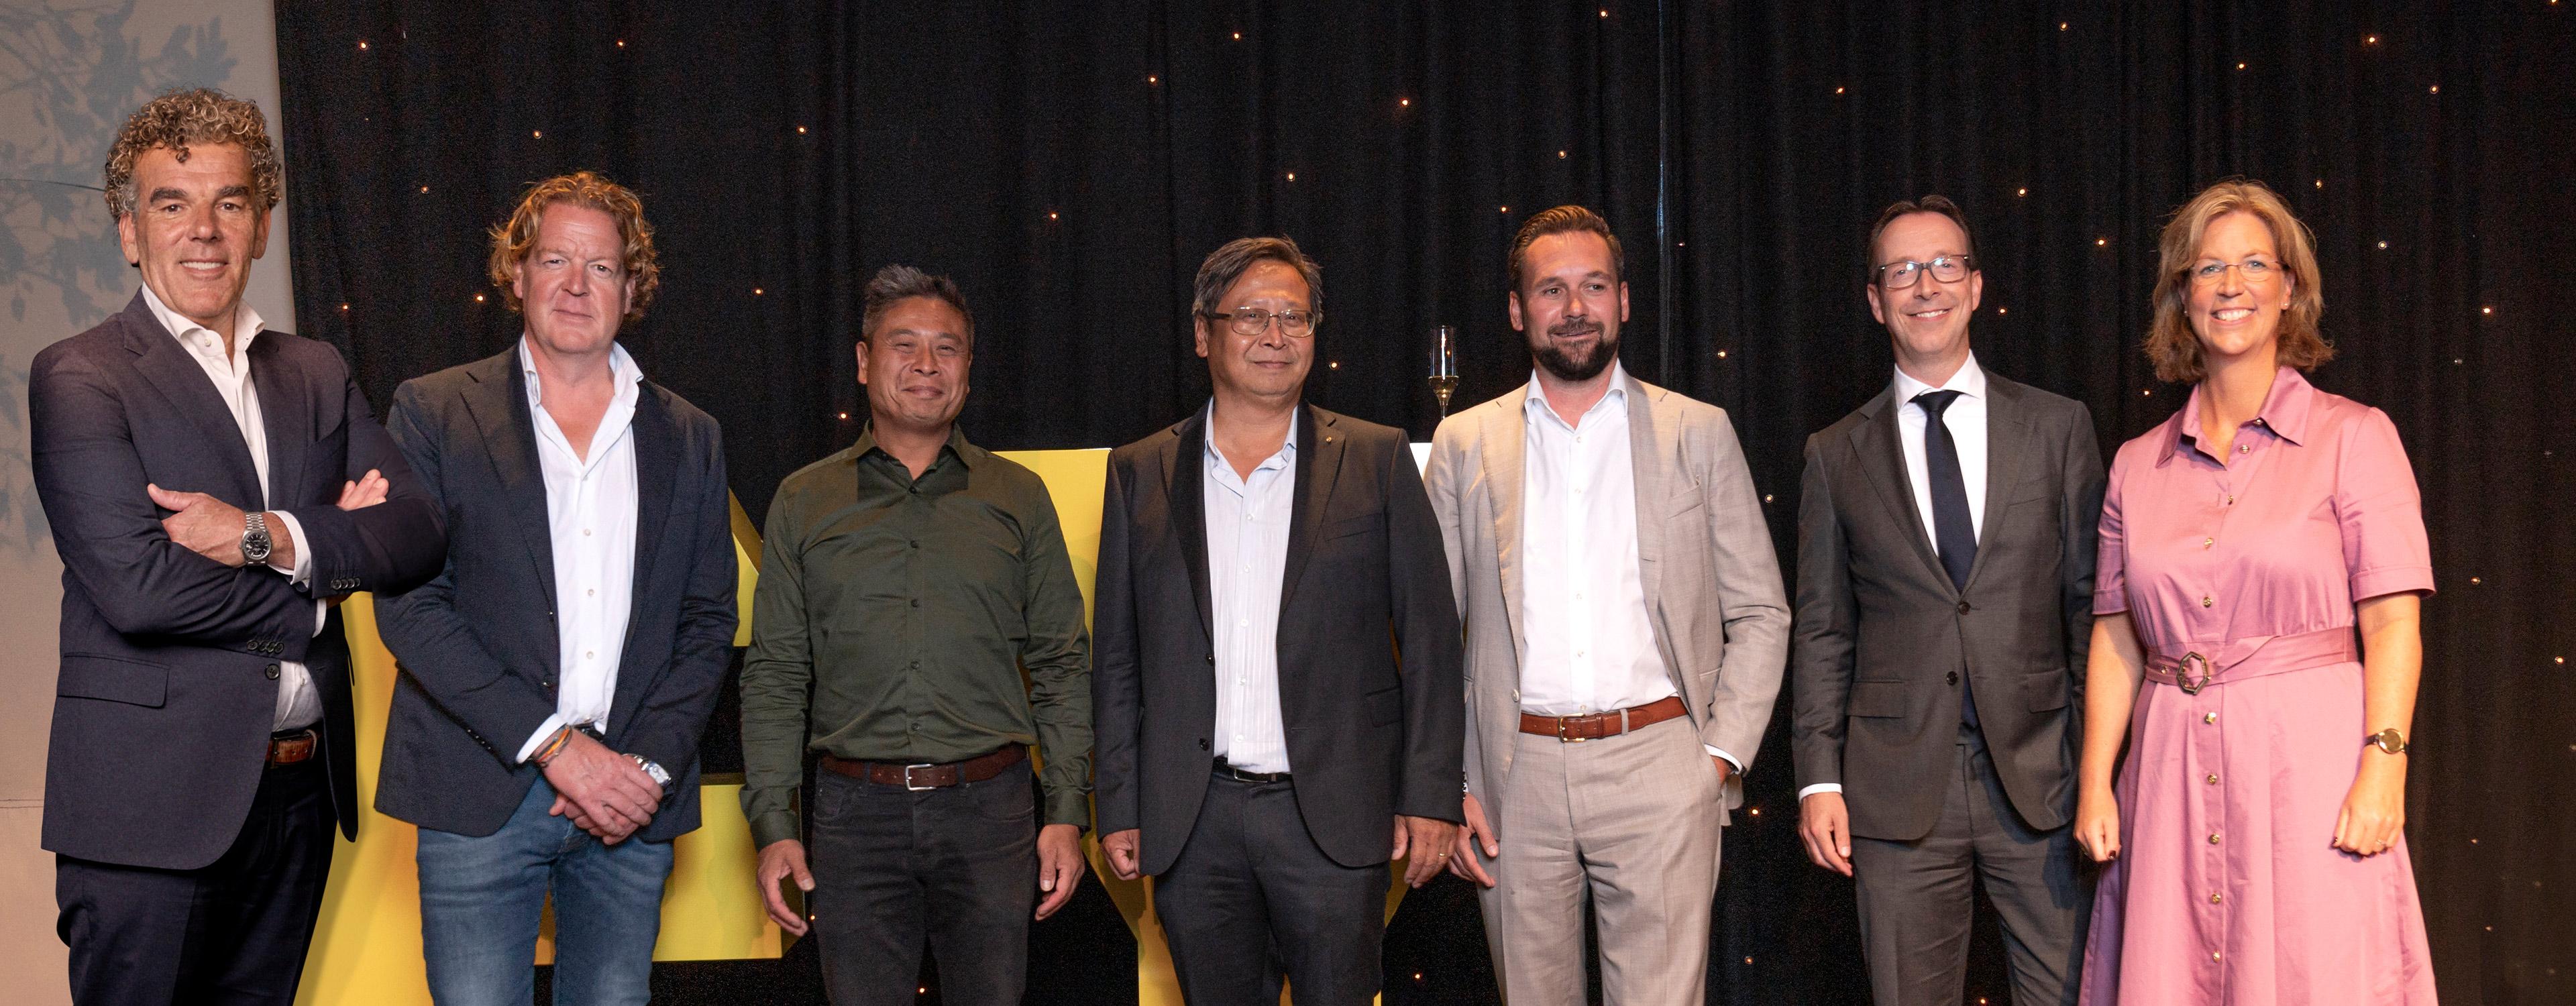 EOY 21 - Finalisten in de categorie EY Entrepreneur Of The Year 2021